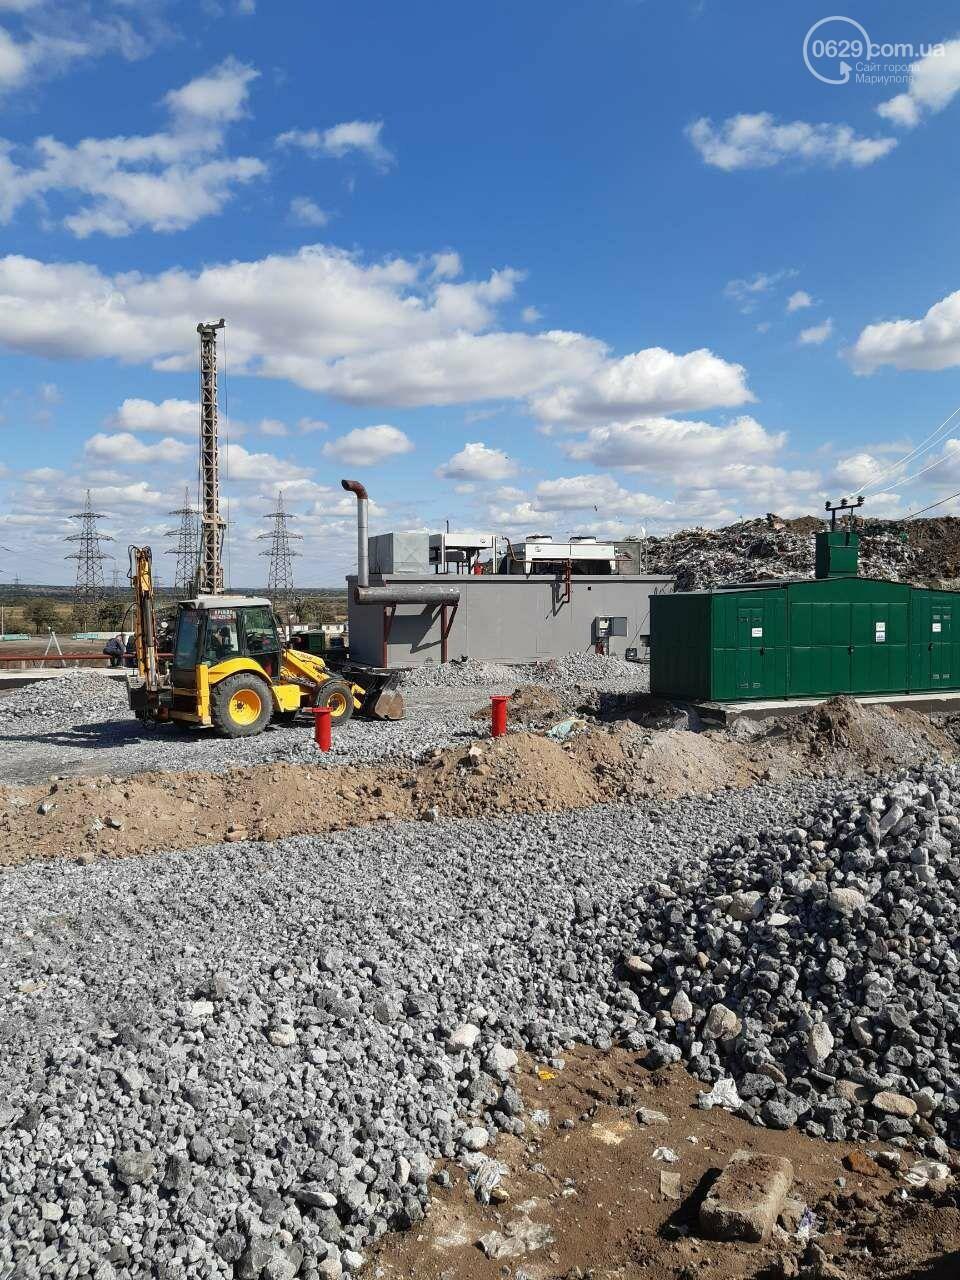 Как в Мариуполе свалочный полигон готовится стать «электростанцией», - ФОТОРЕПОРТАЖ, фото-17